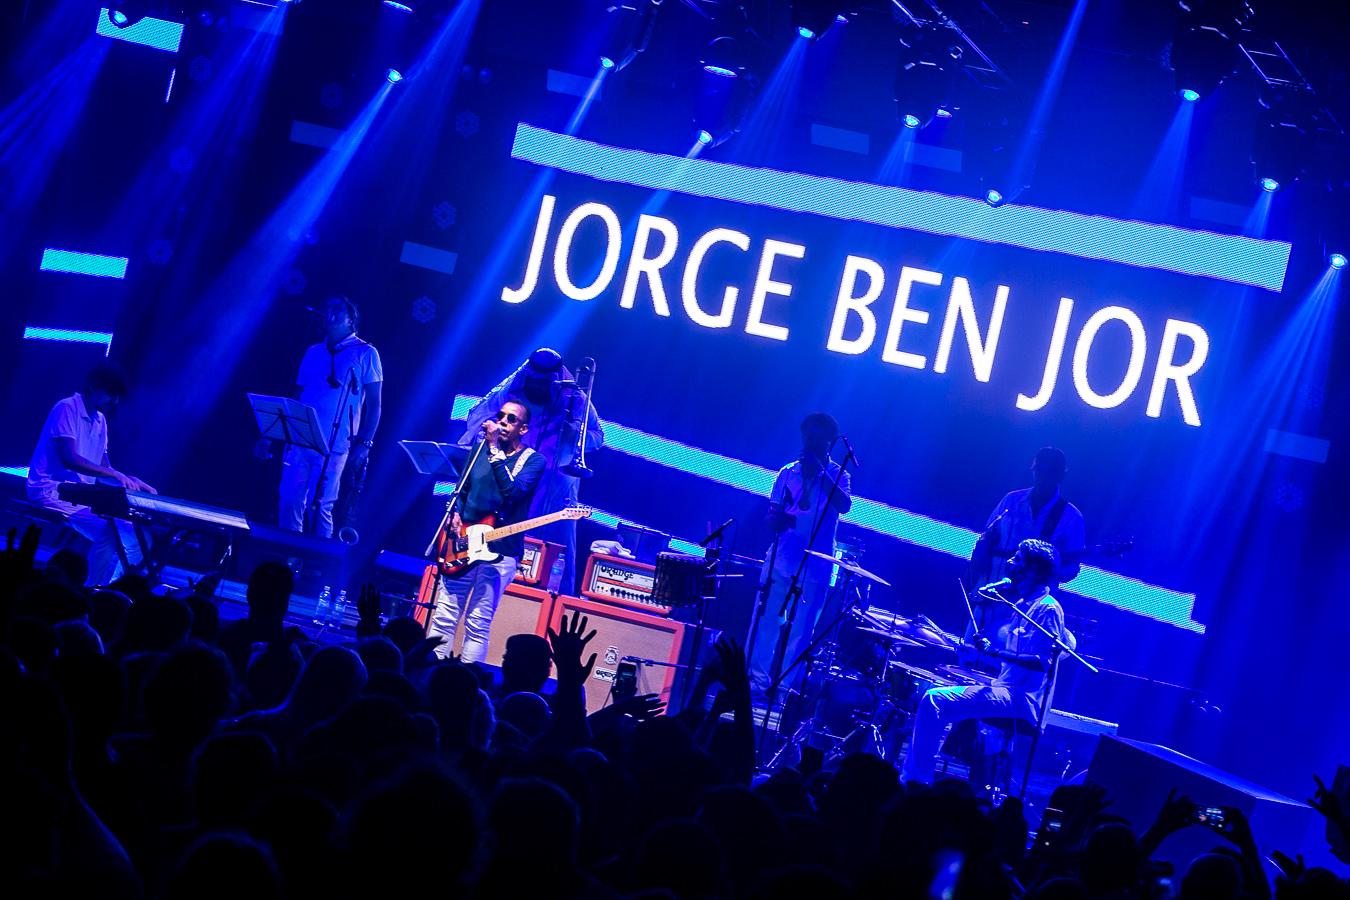 Jorge Ben Jor encerra a agenda de verão do P12 em Florianópolis